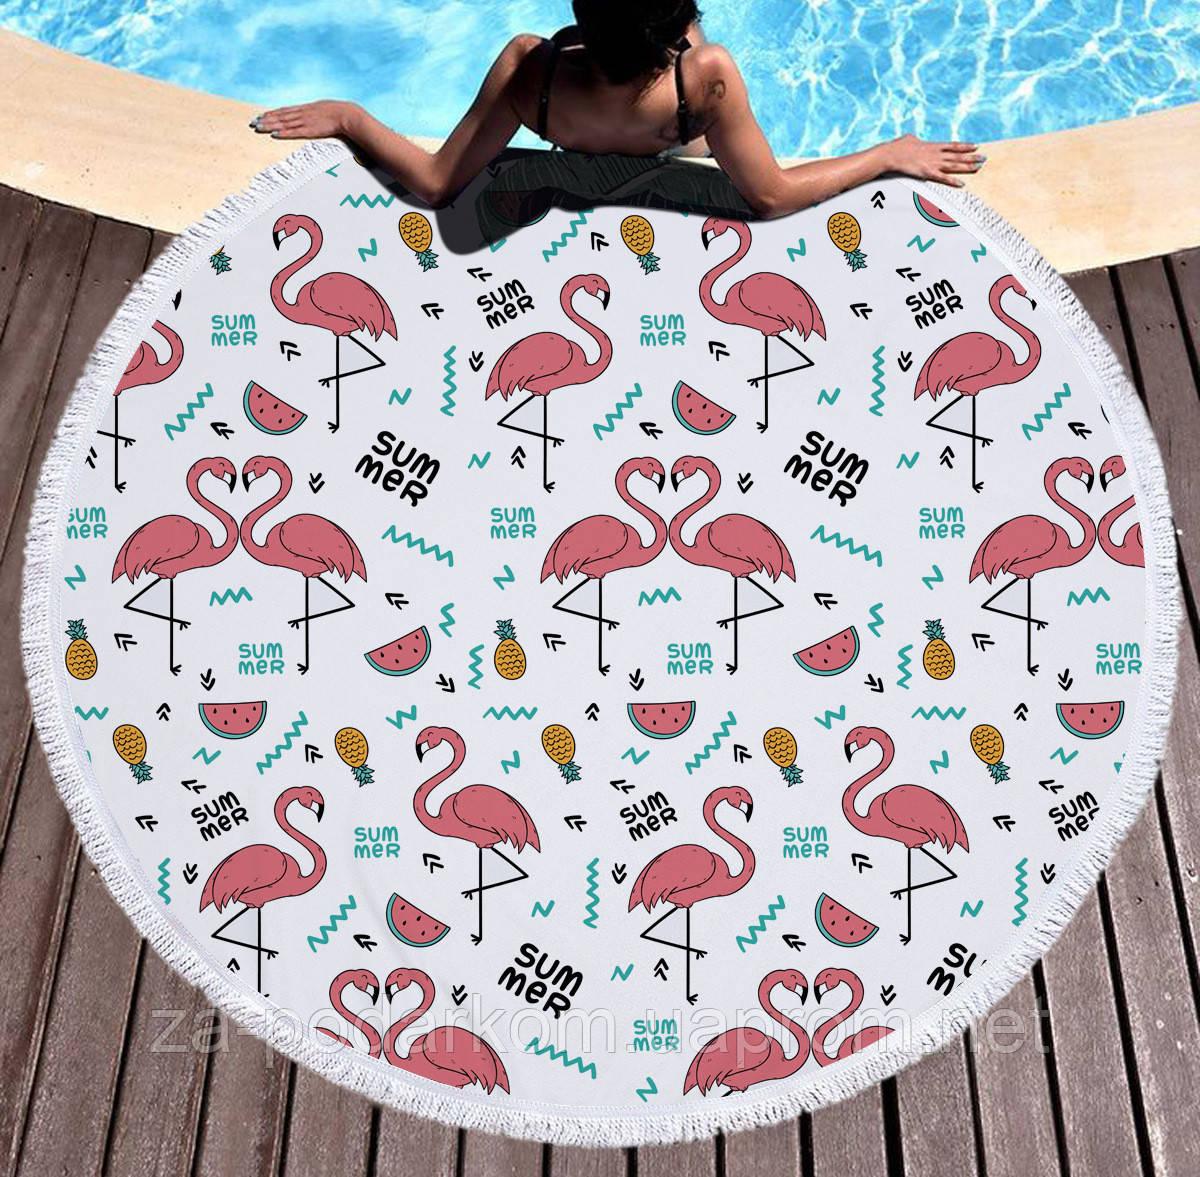 Круглый пляжный коврик (подстилка для пляжа) SUM MER Фламинго с бахромой